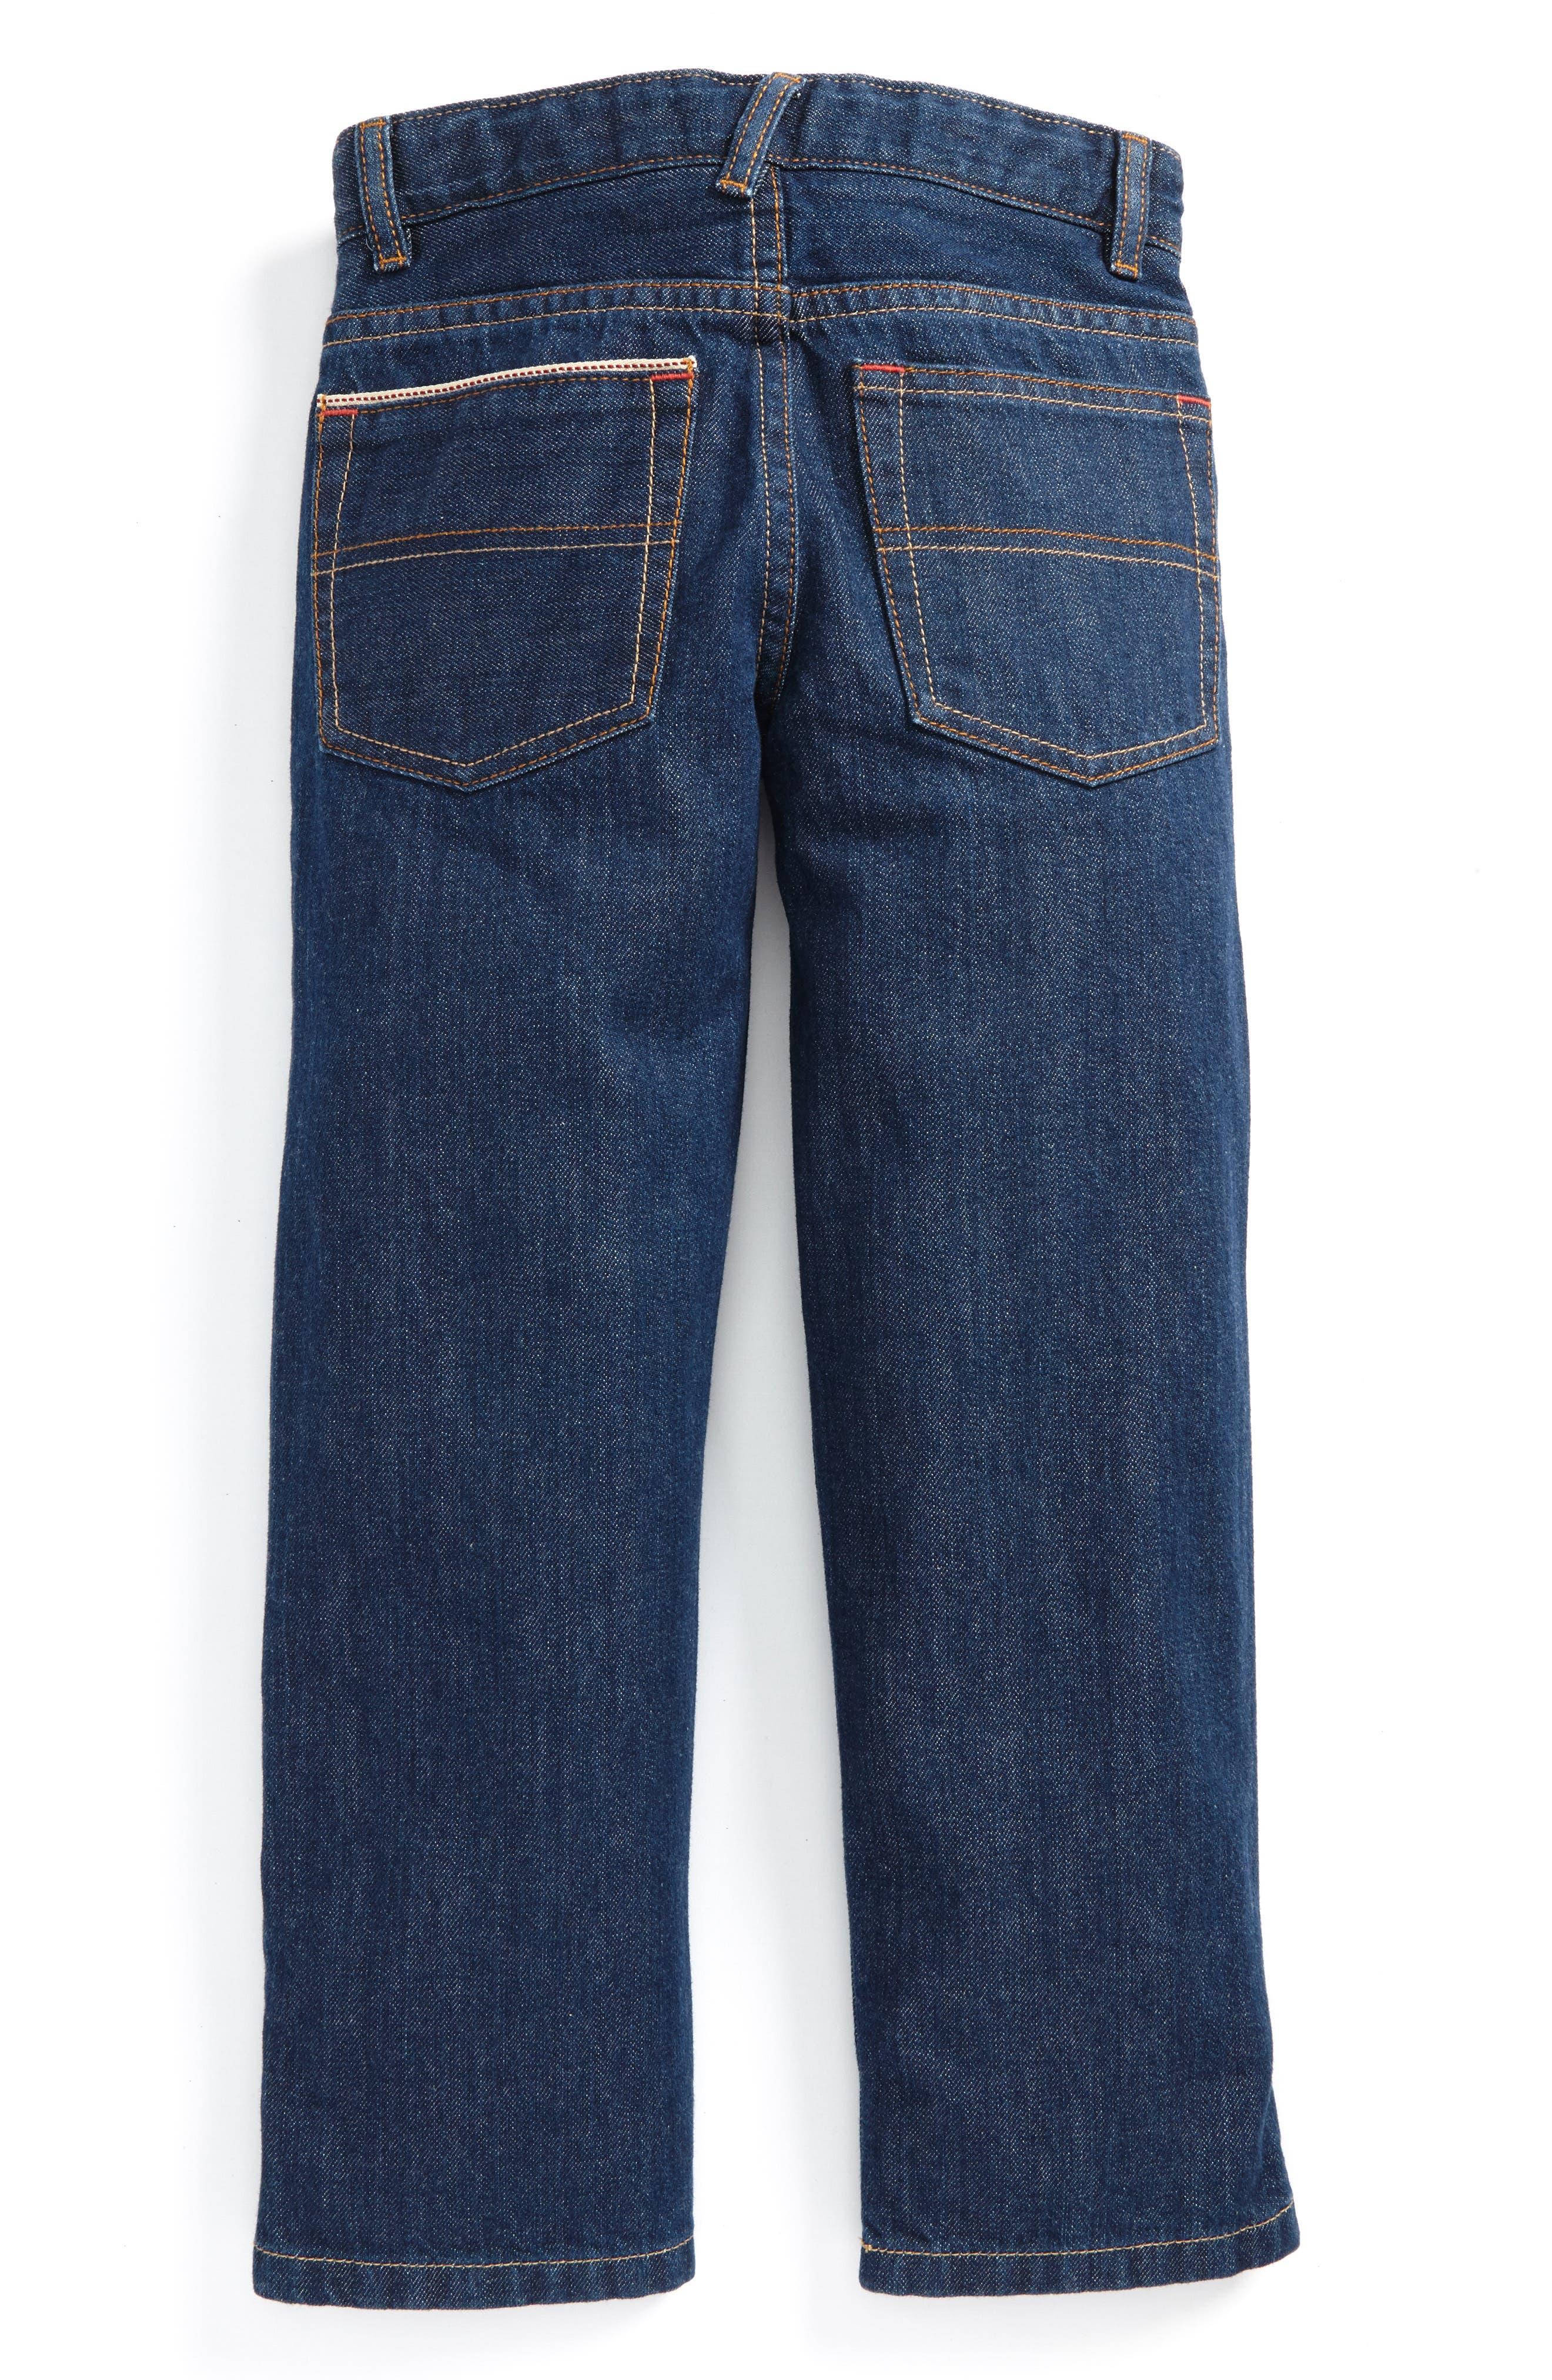 Alternate Image 2  - Mini Boden Straight Leg Jeans (Toddler Boys, Little Boys & Big Boys)